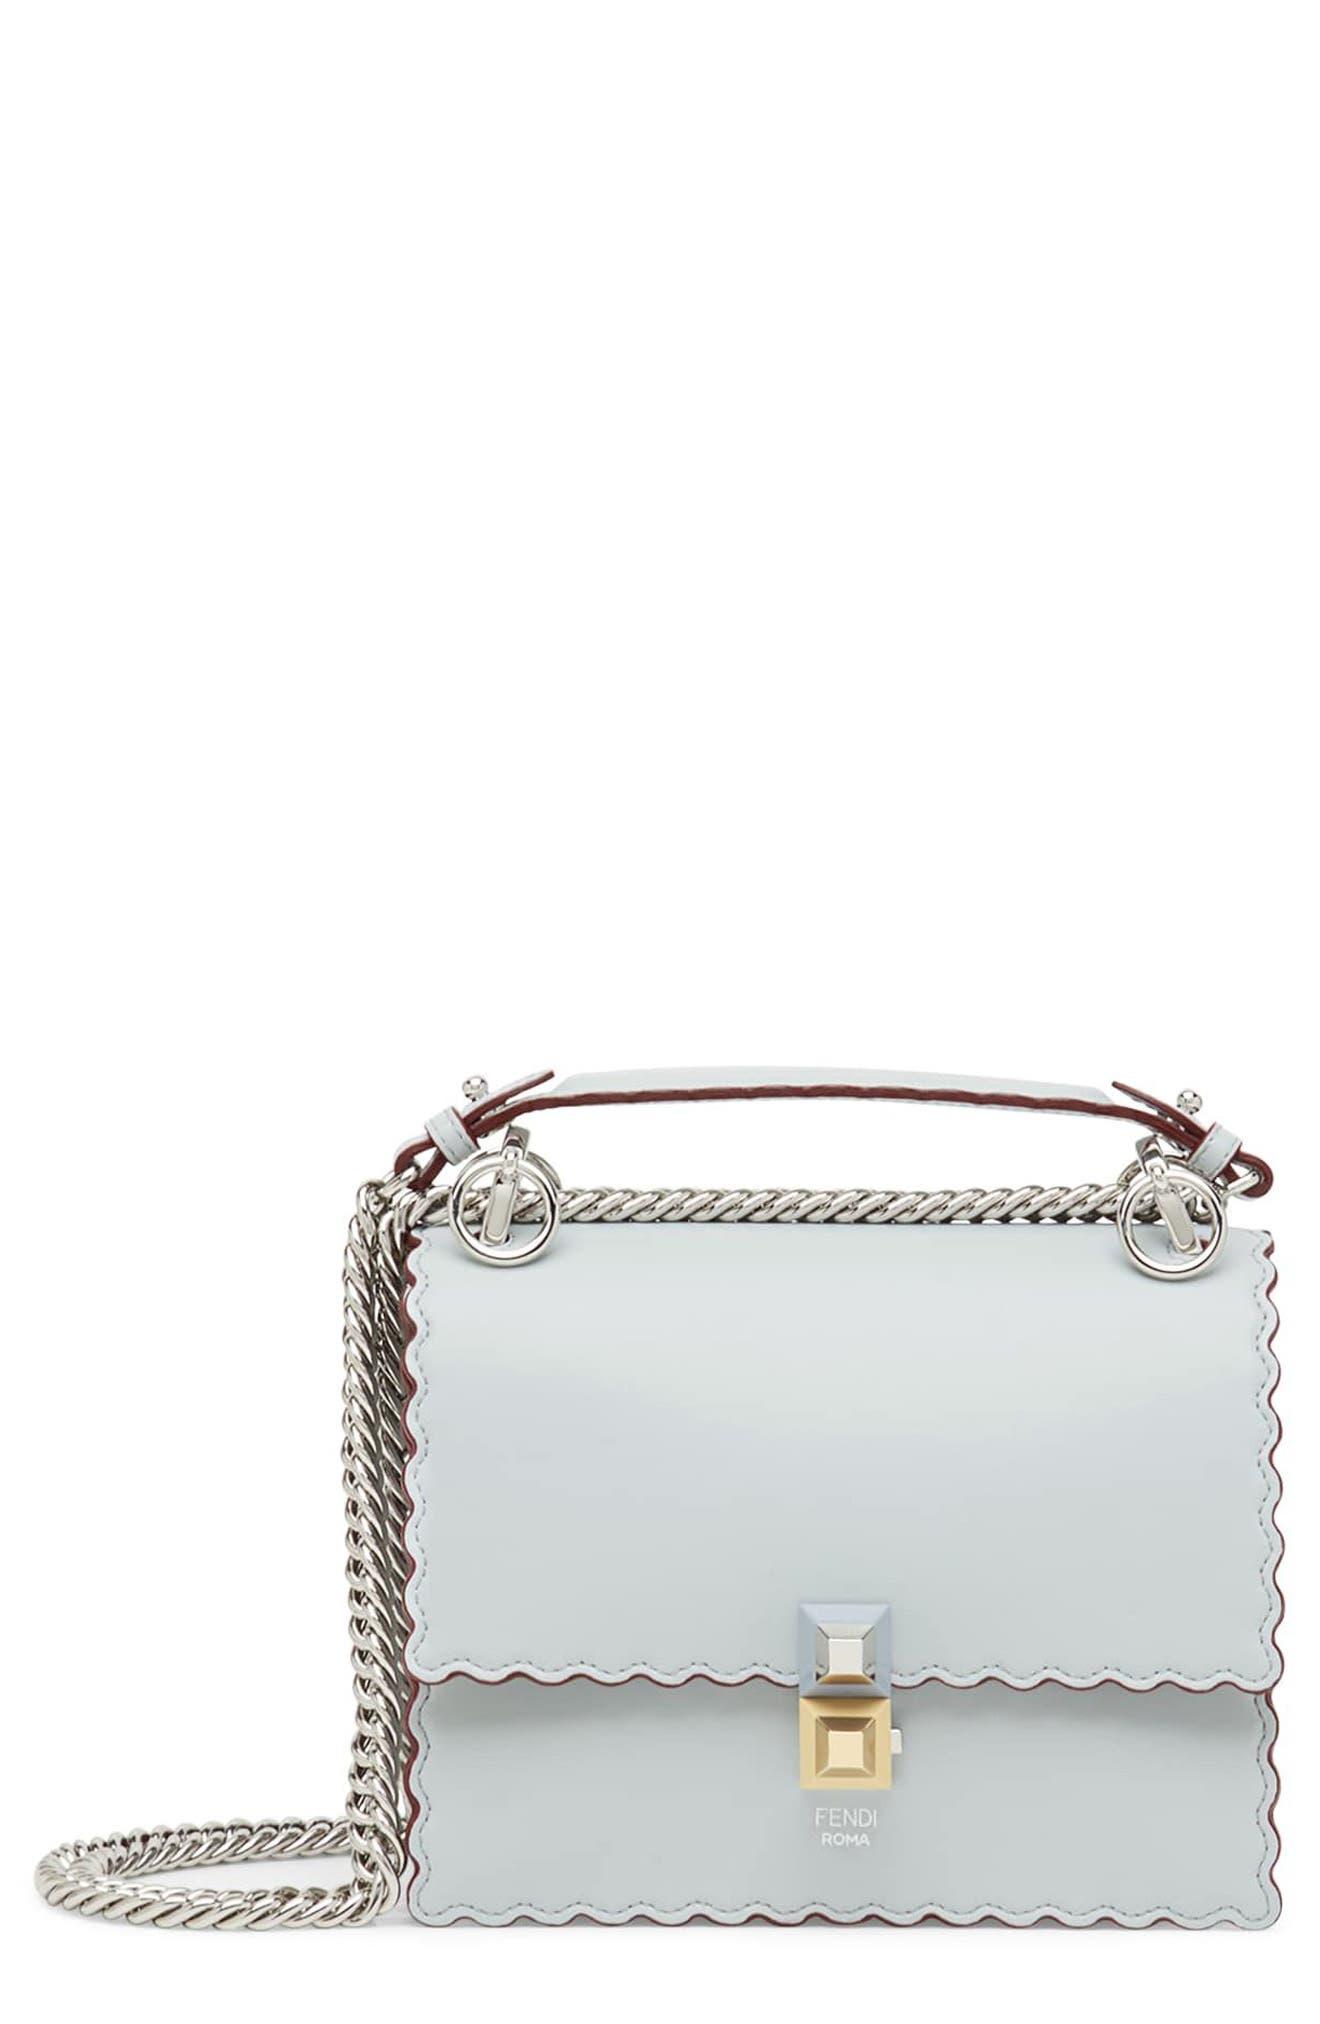 Mini Kan I Scalloped Leather Shoulder Bag,                         Main,                         color, Grigio Perla/ Palladio